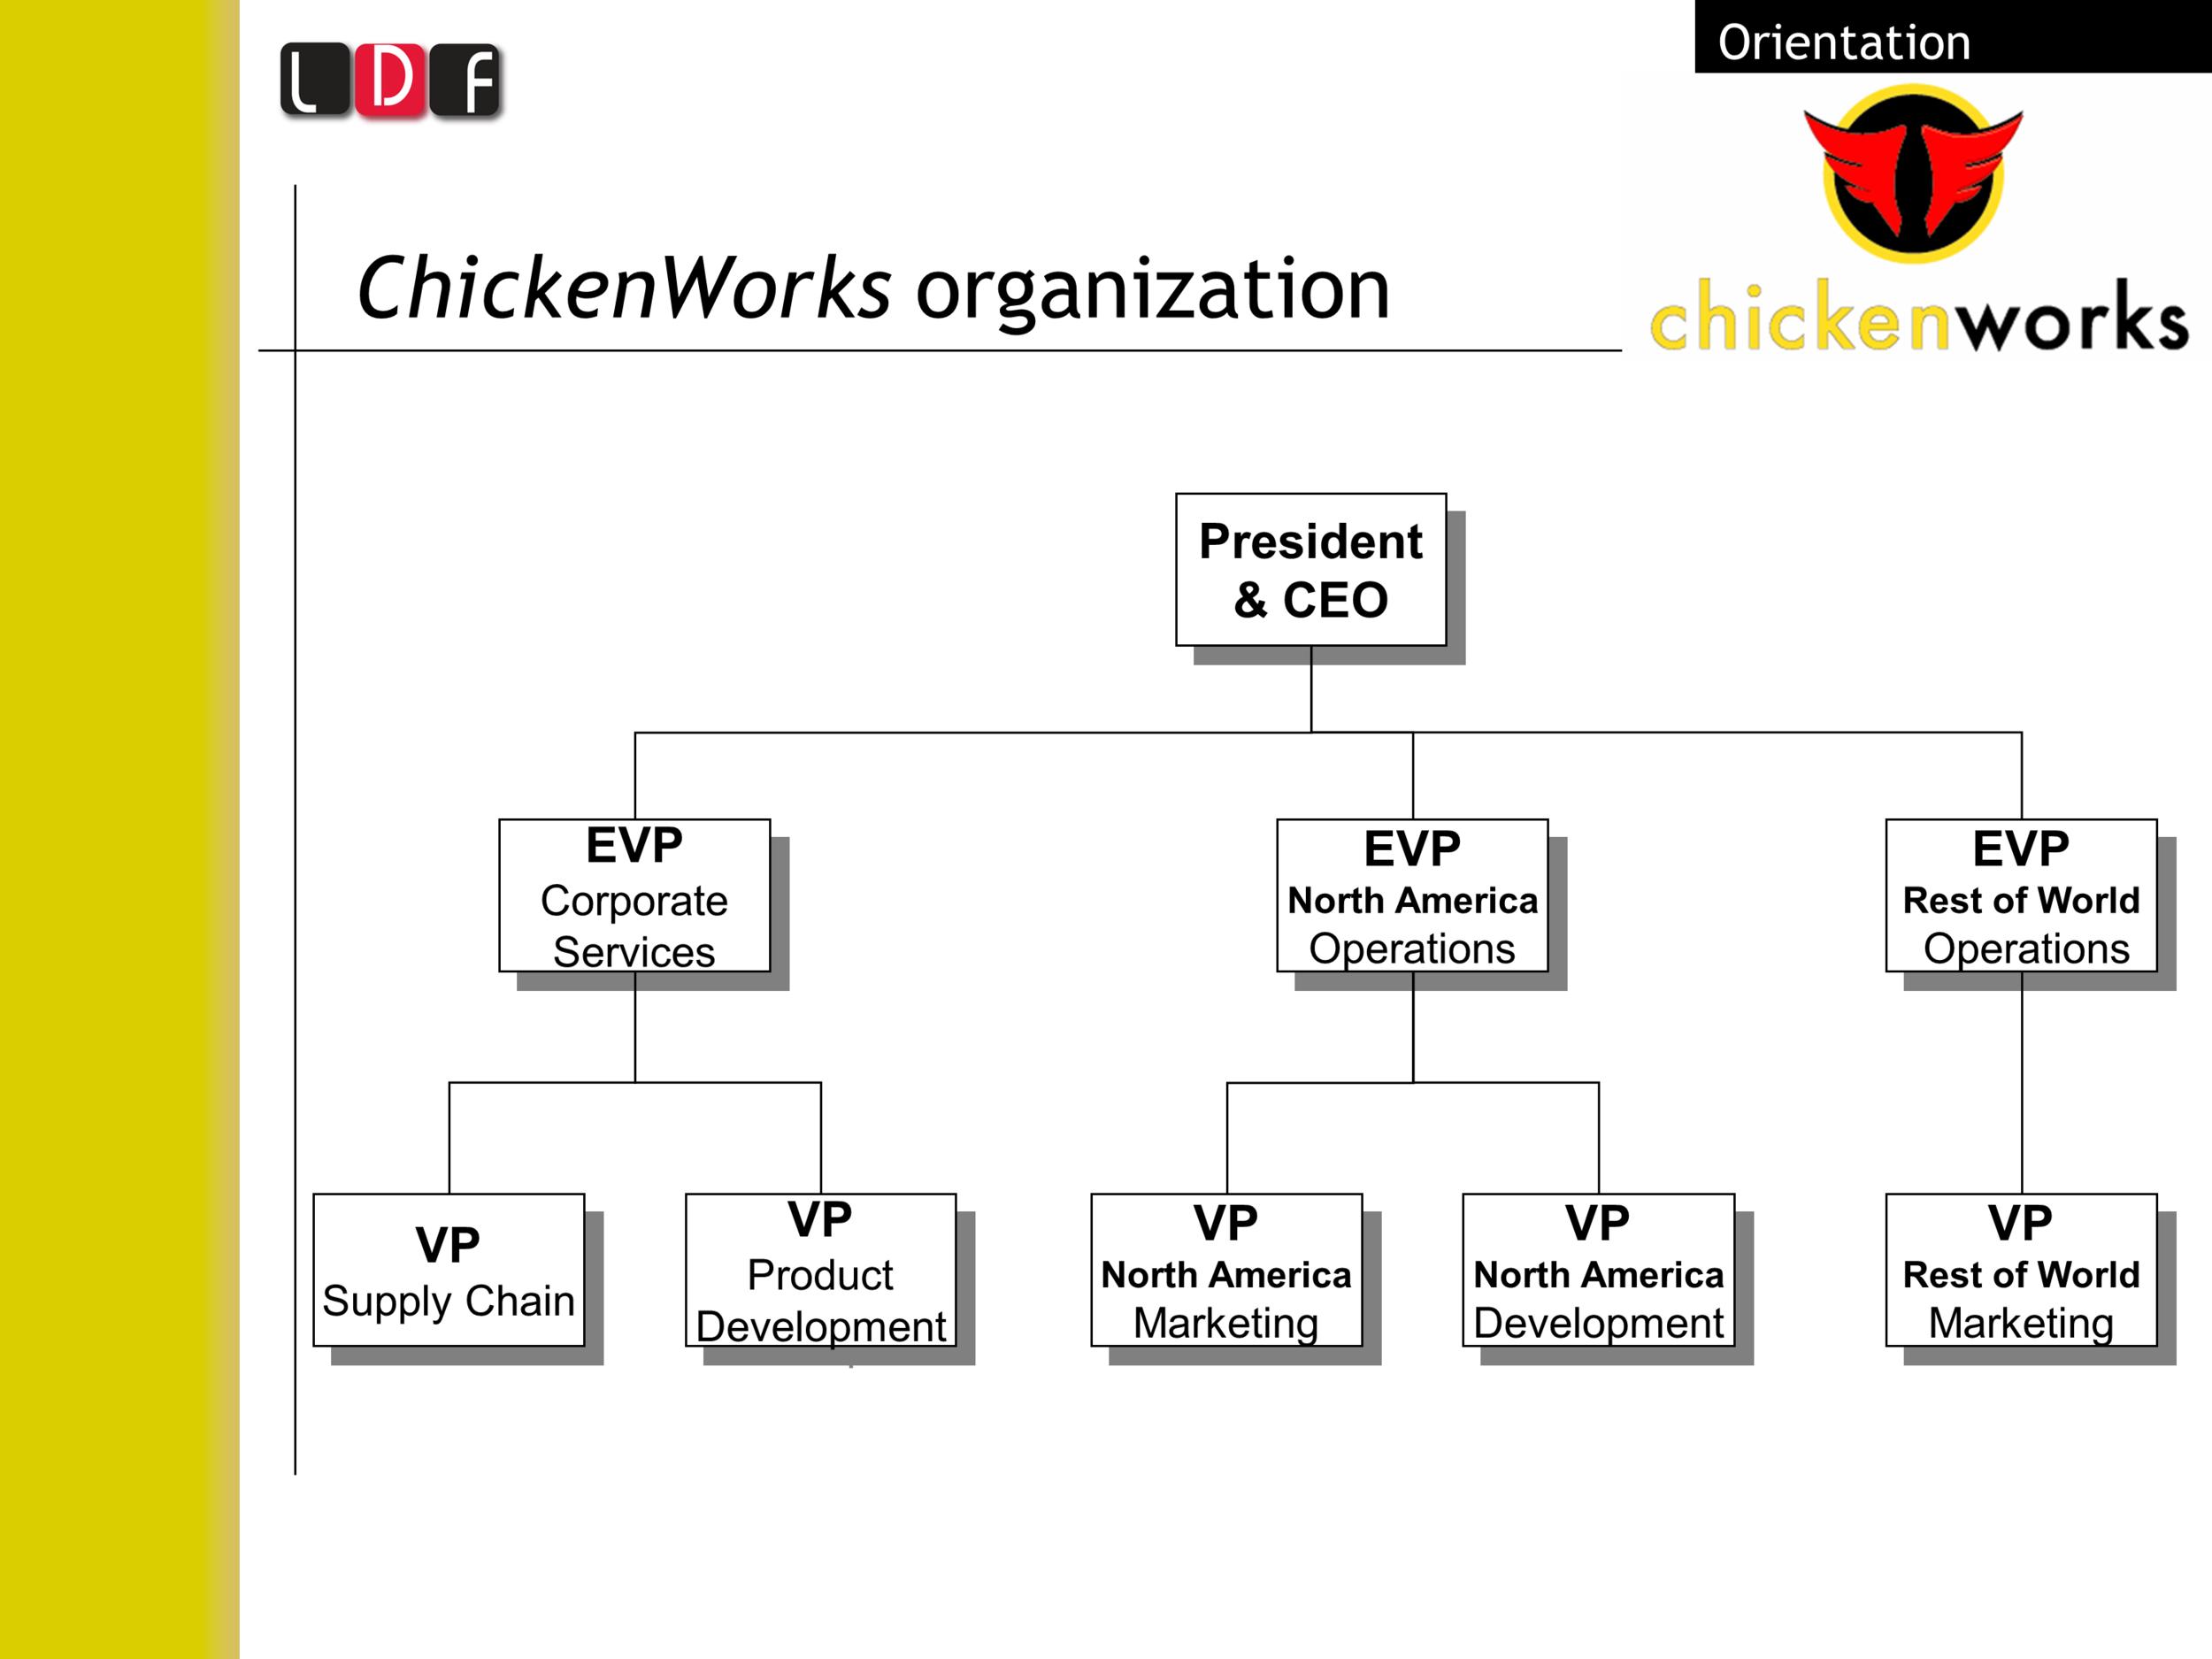 ChickenWorks organizational chart